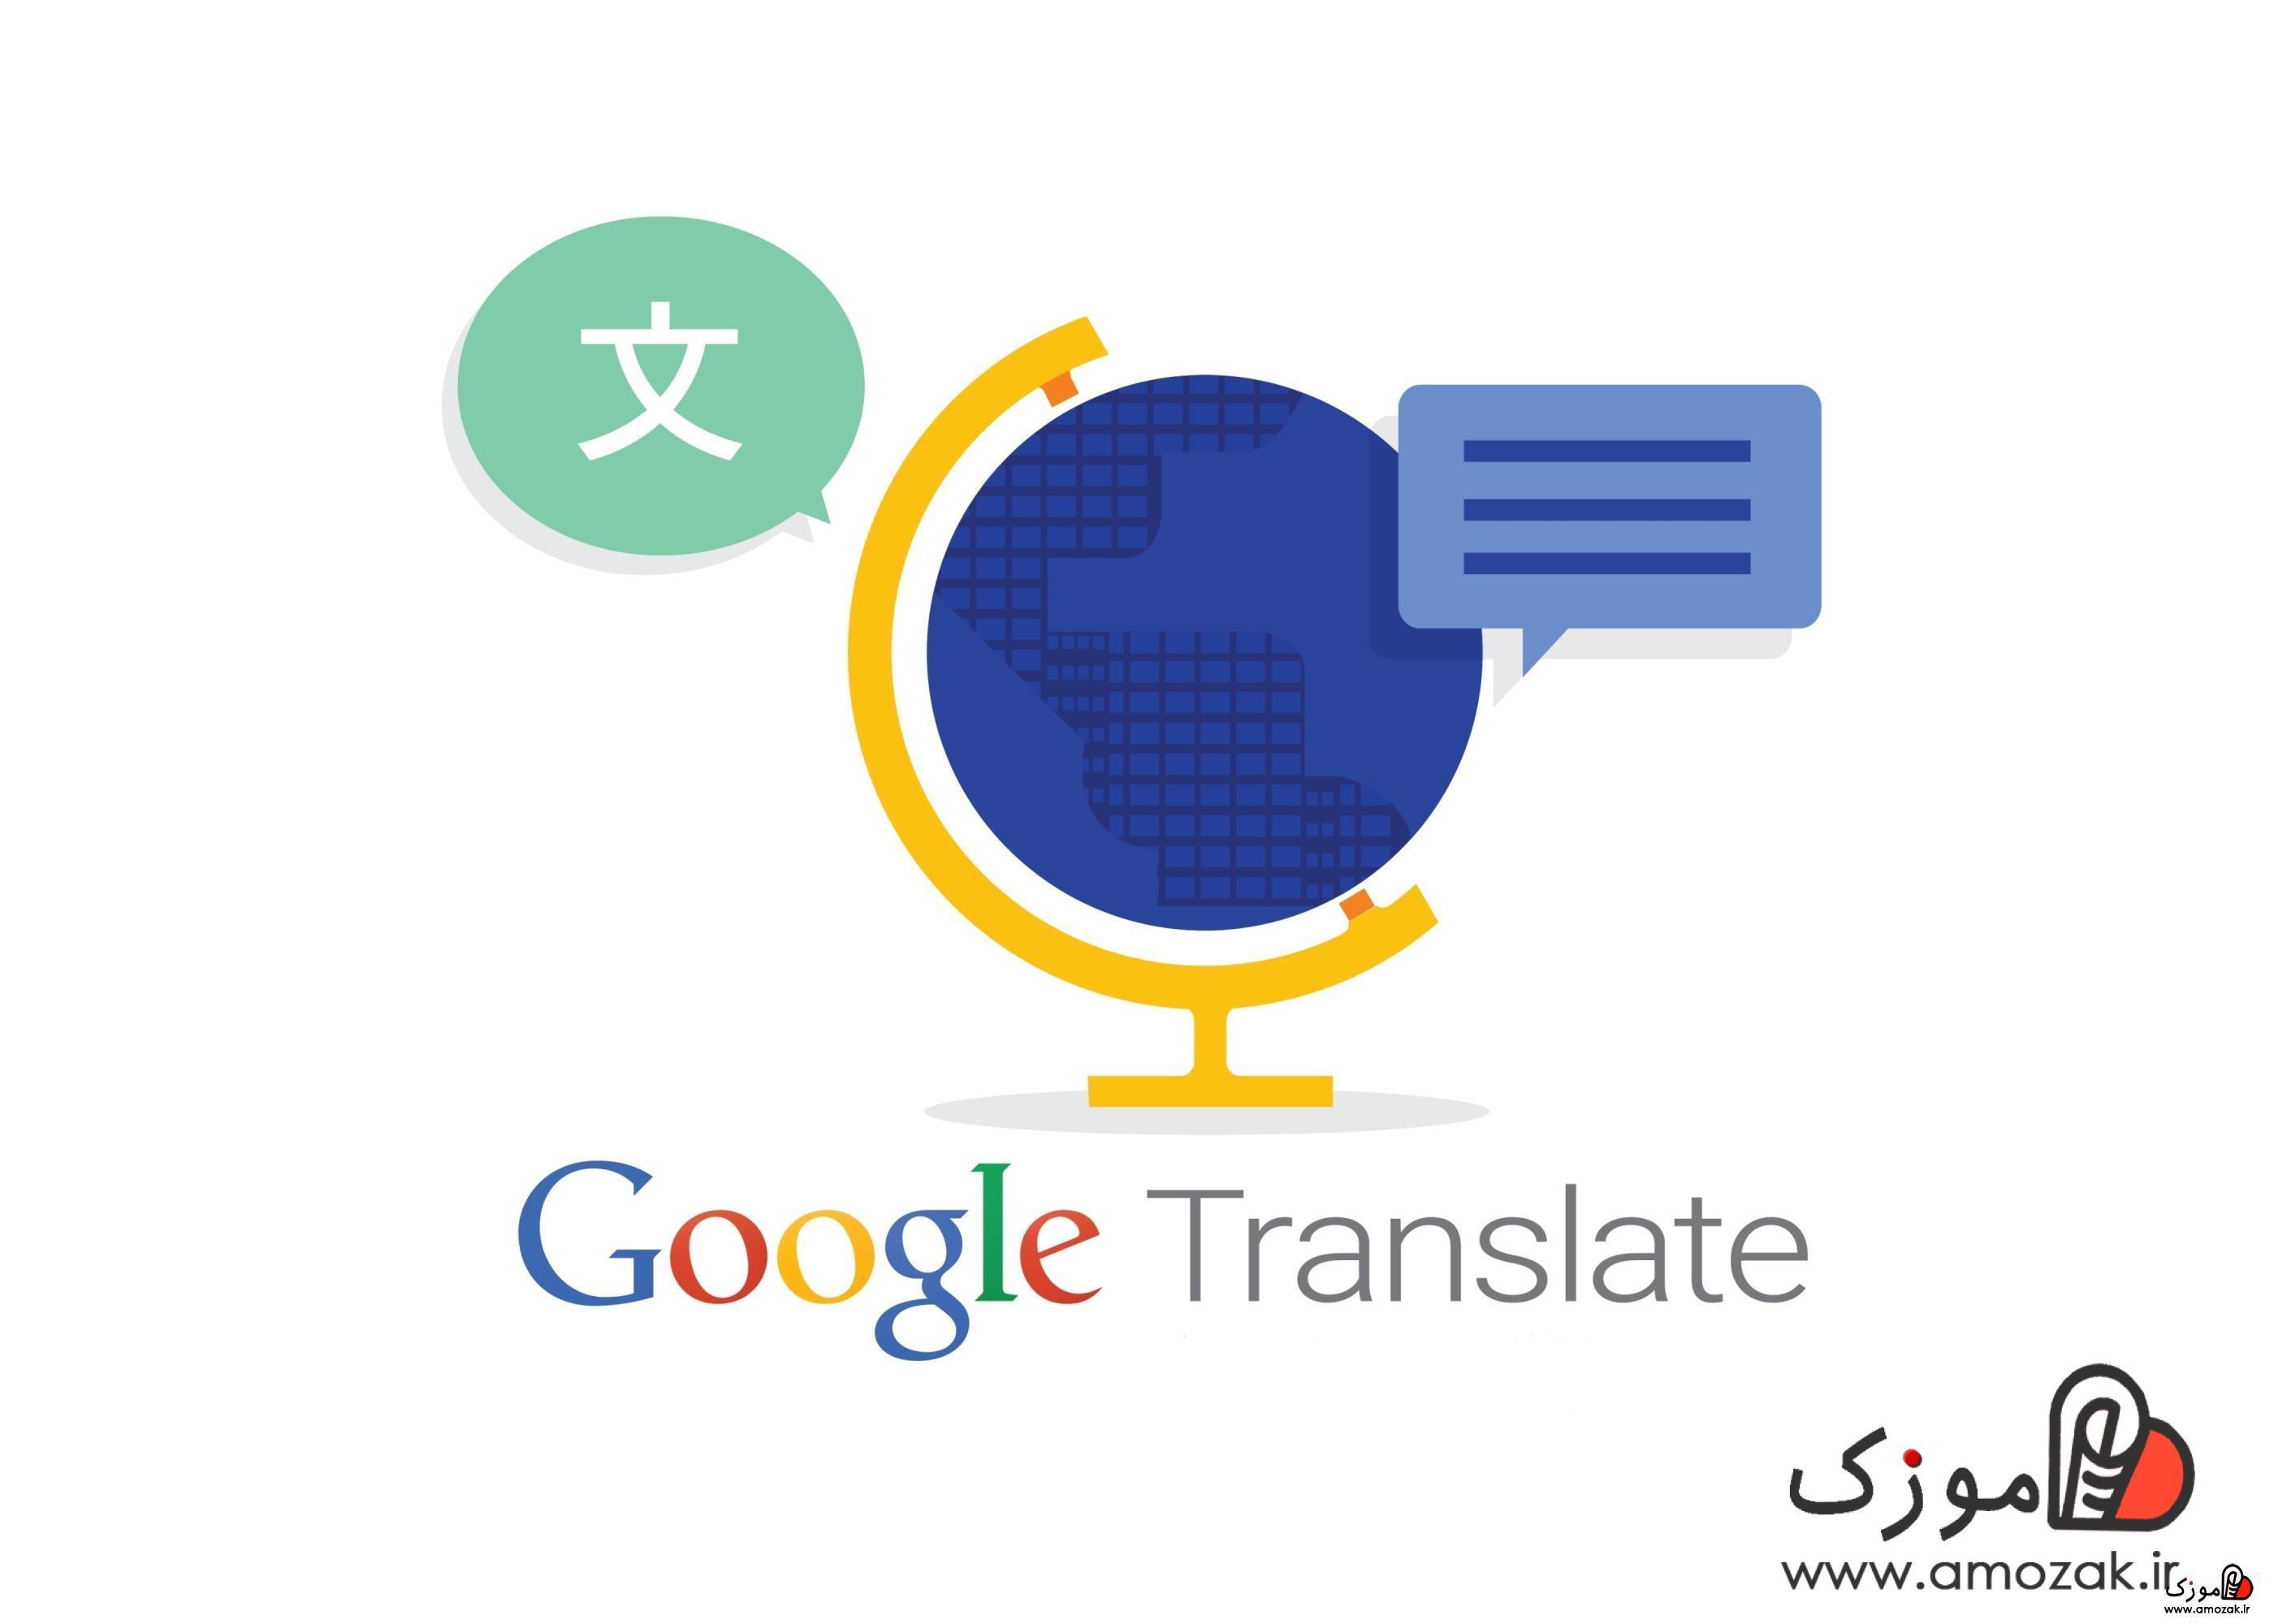 تصویر آموزش نصب افزونه گوگل ترنسلیت در مرورگرها برای ترجمه سریع